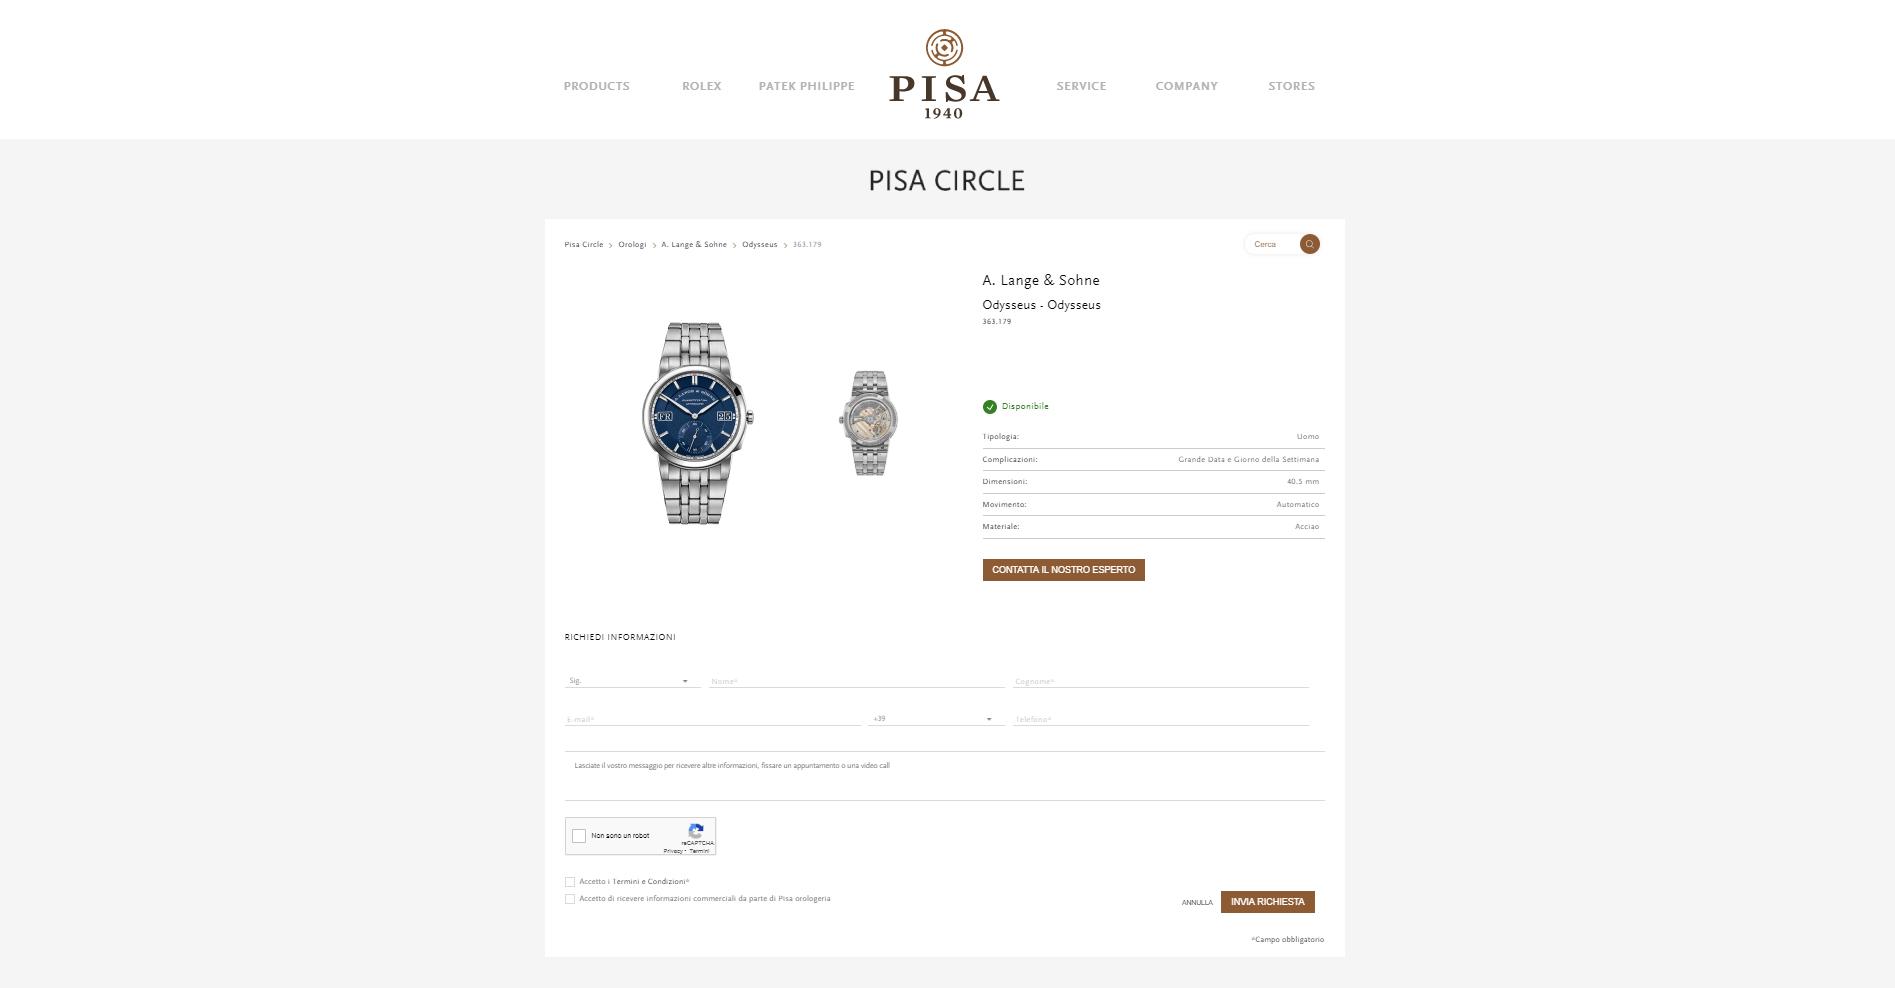 PISA CIRCLE